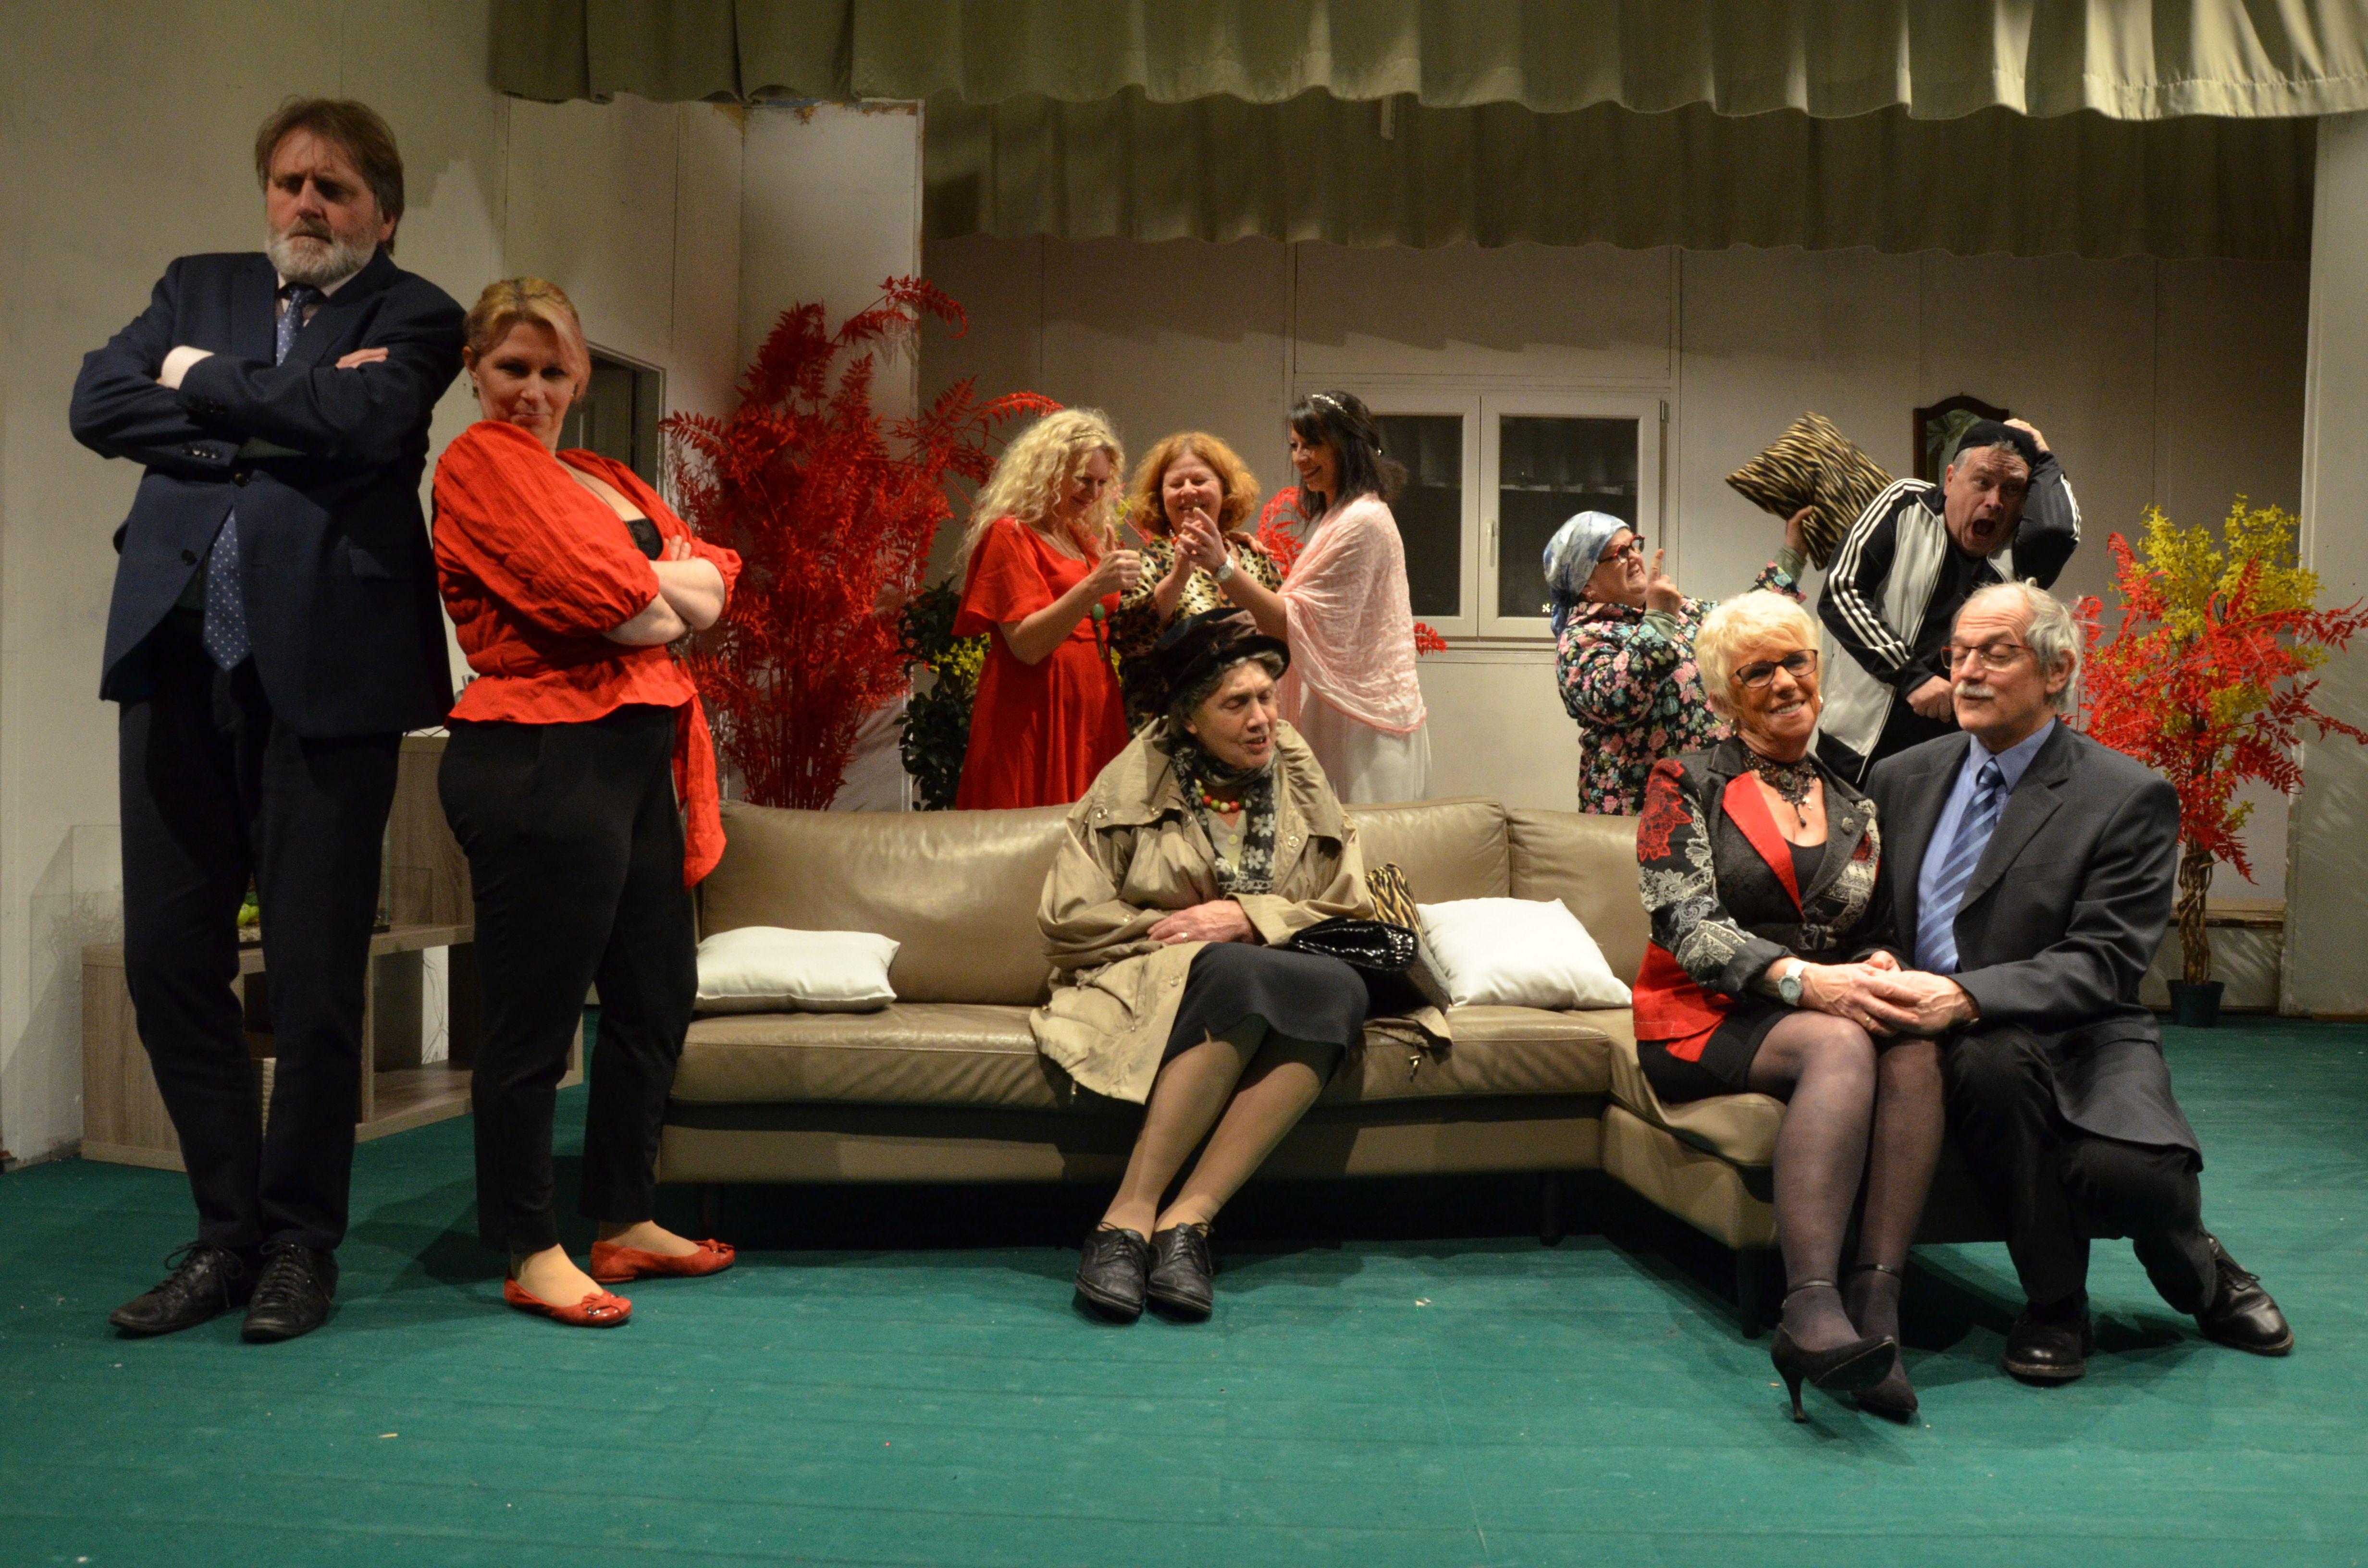 Après avoir tenu l'affiche avec « Hilf, em Dokter esch net guet », la troupe du Théâtre alsacien de Saverne reporte la comédie « De Meischterboxer », prévue en février à octobre, et prépare un drame, « Adie Herr Haffmann ».